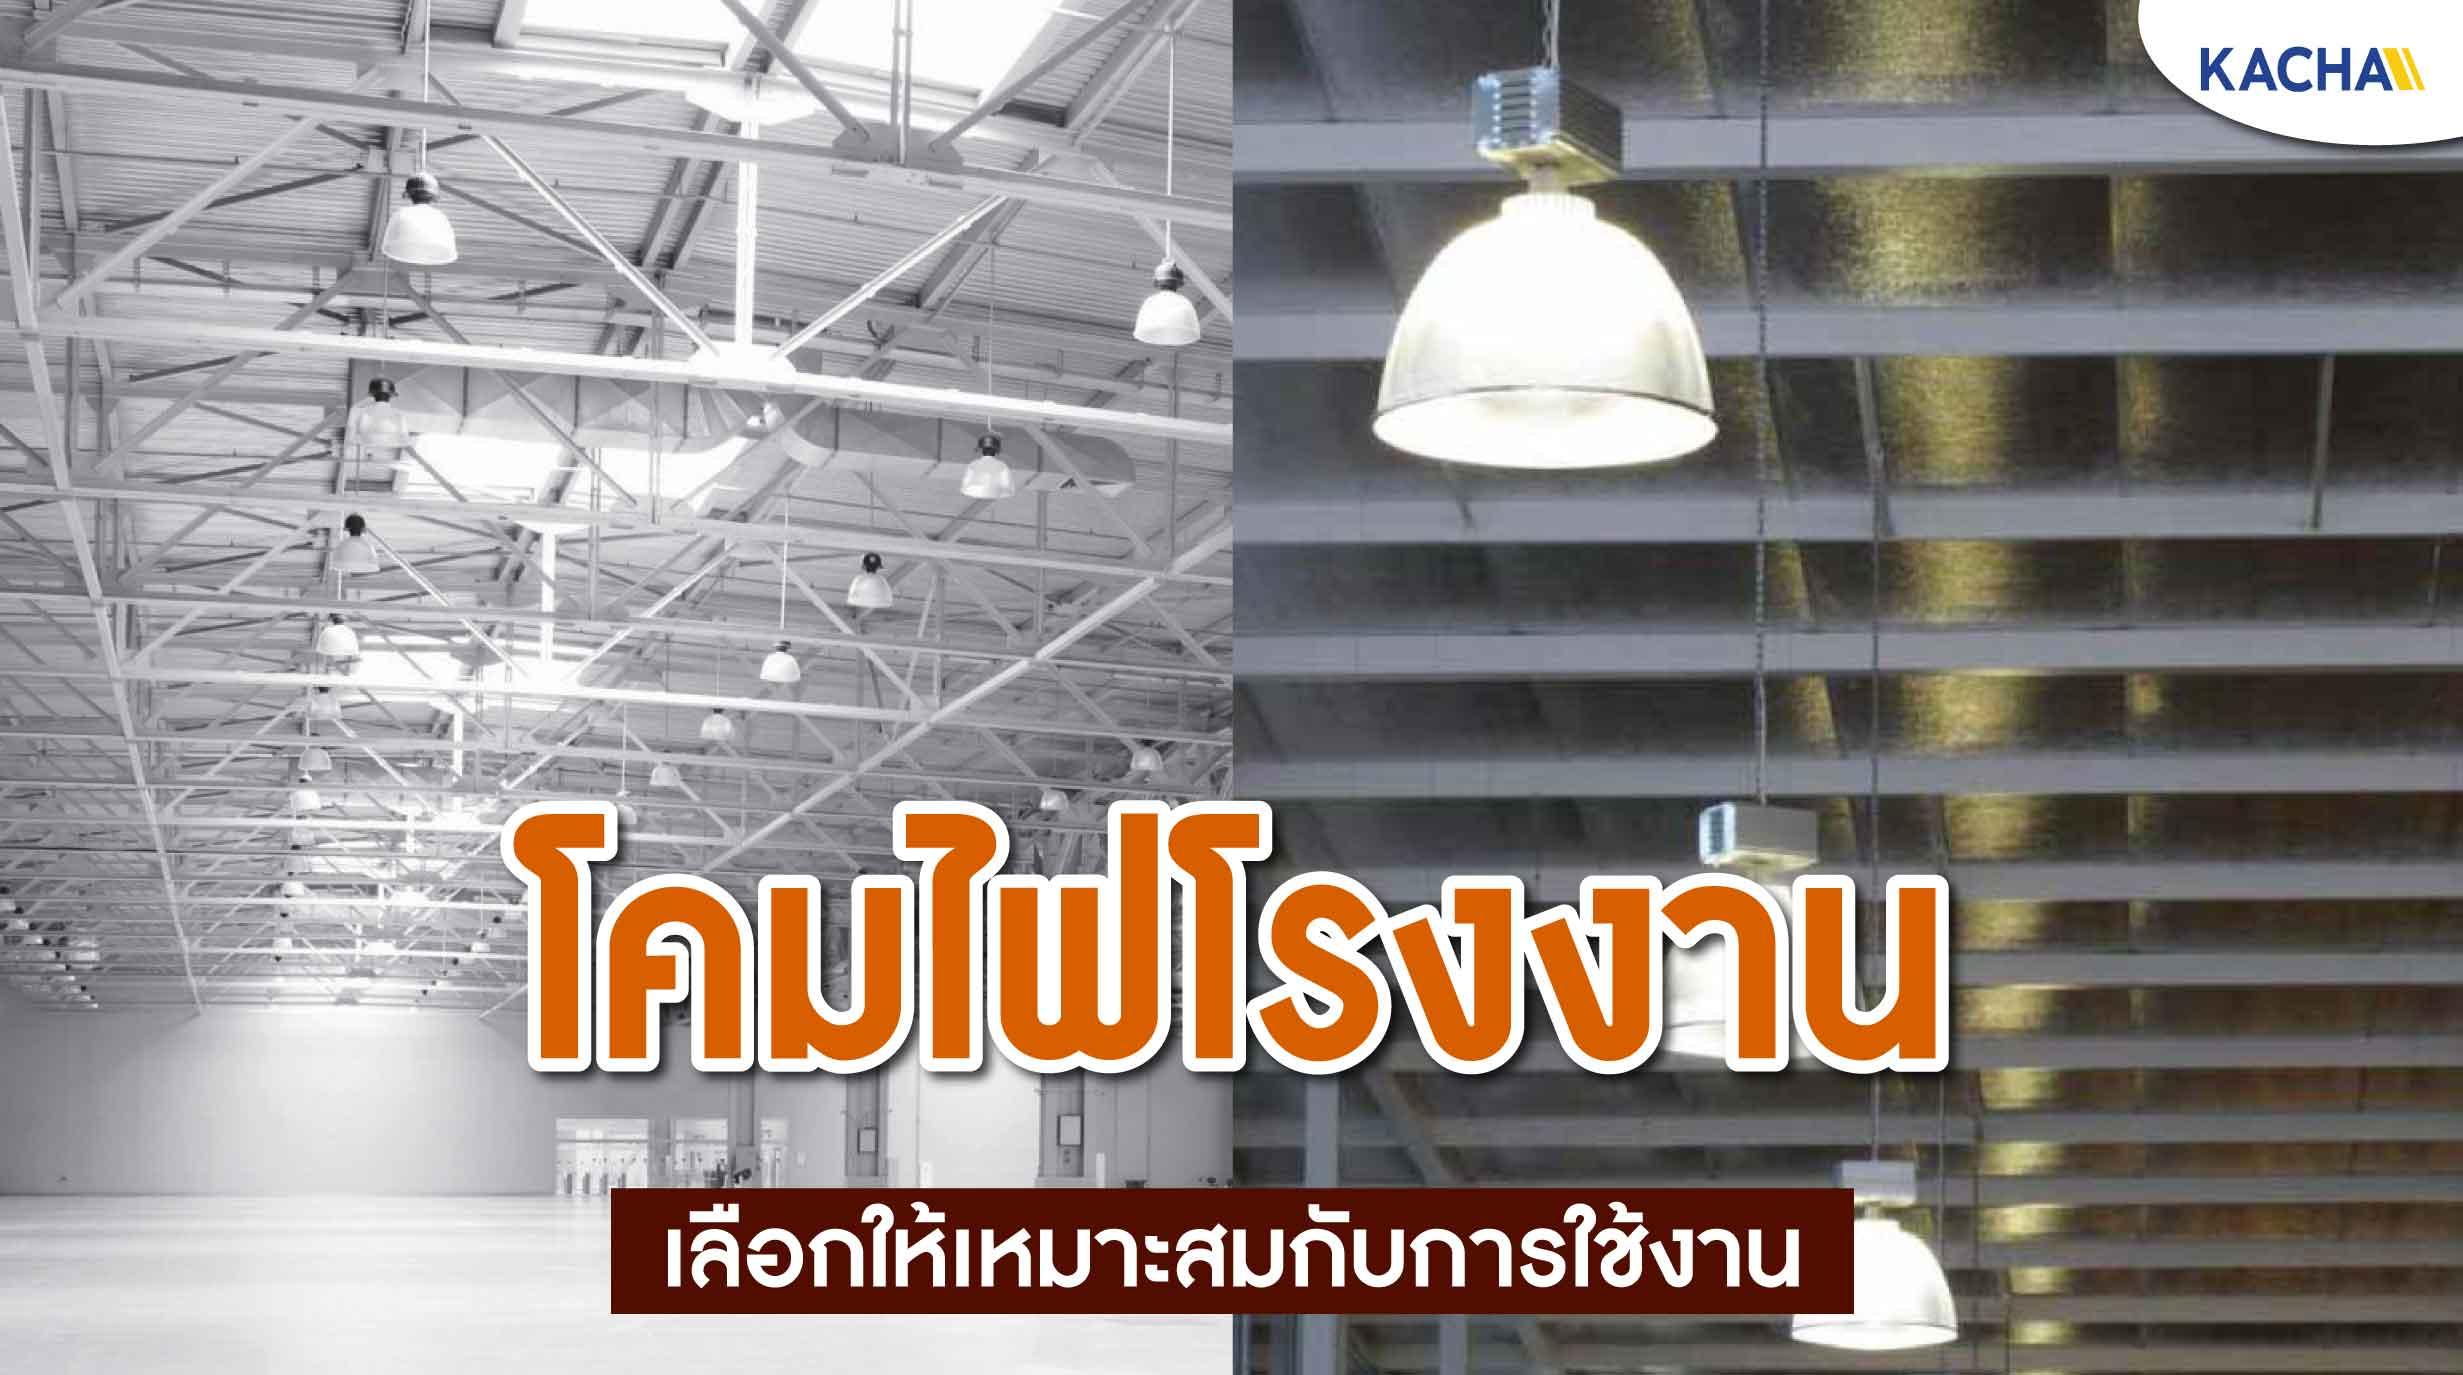 211014-Content-เลือกซื้อ-โคมไฟโรงงาน-เลือกแบบไหนให้มีประสิทธิภาพสุด01